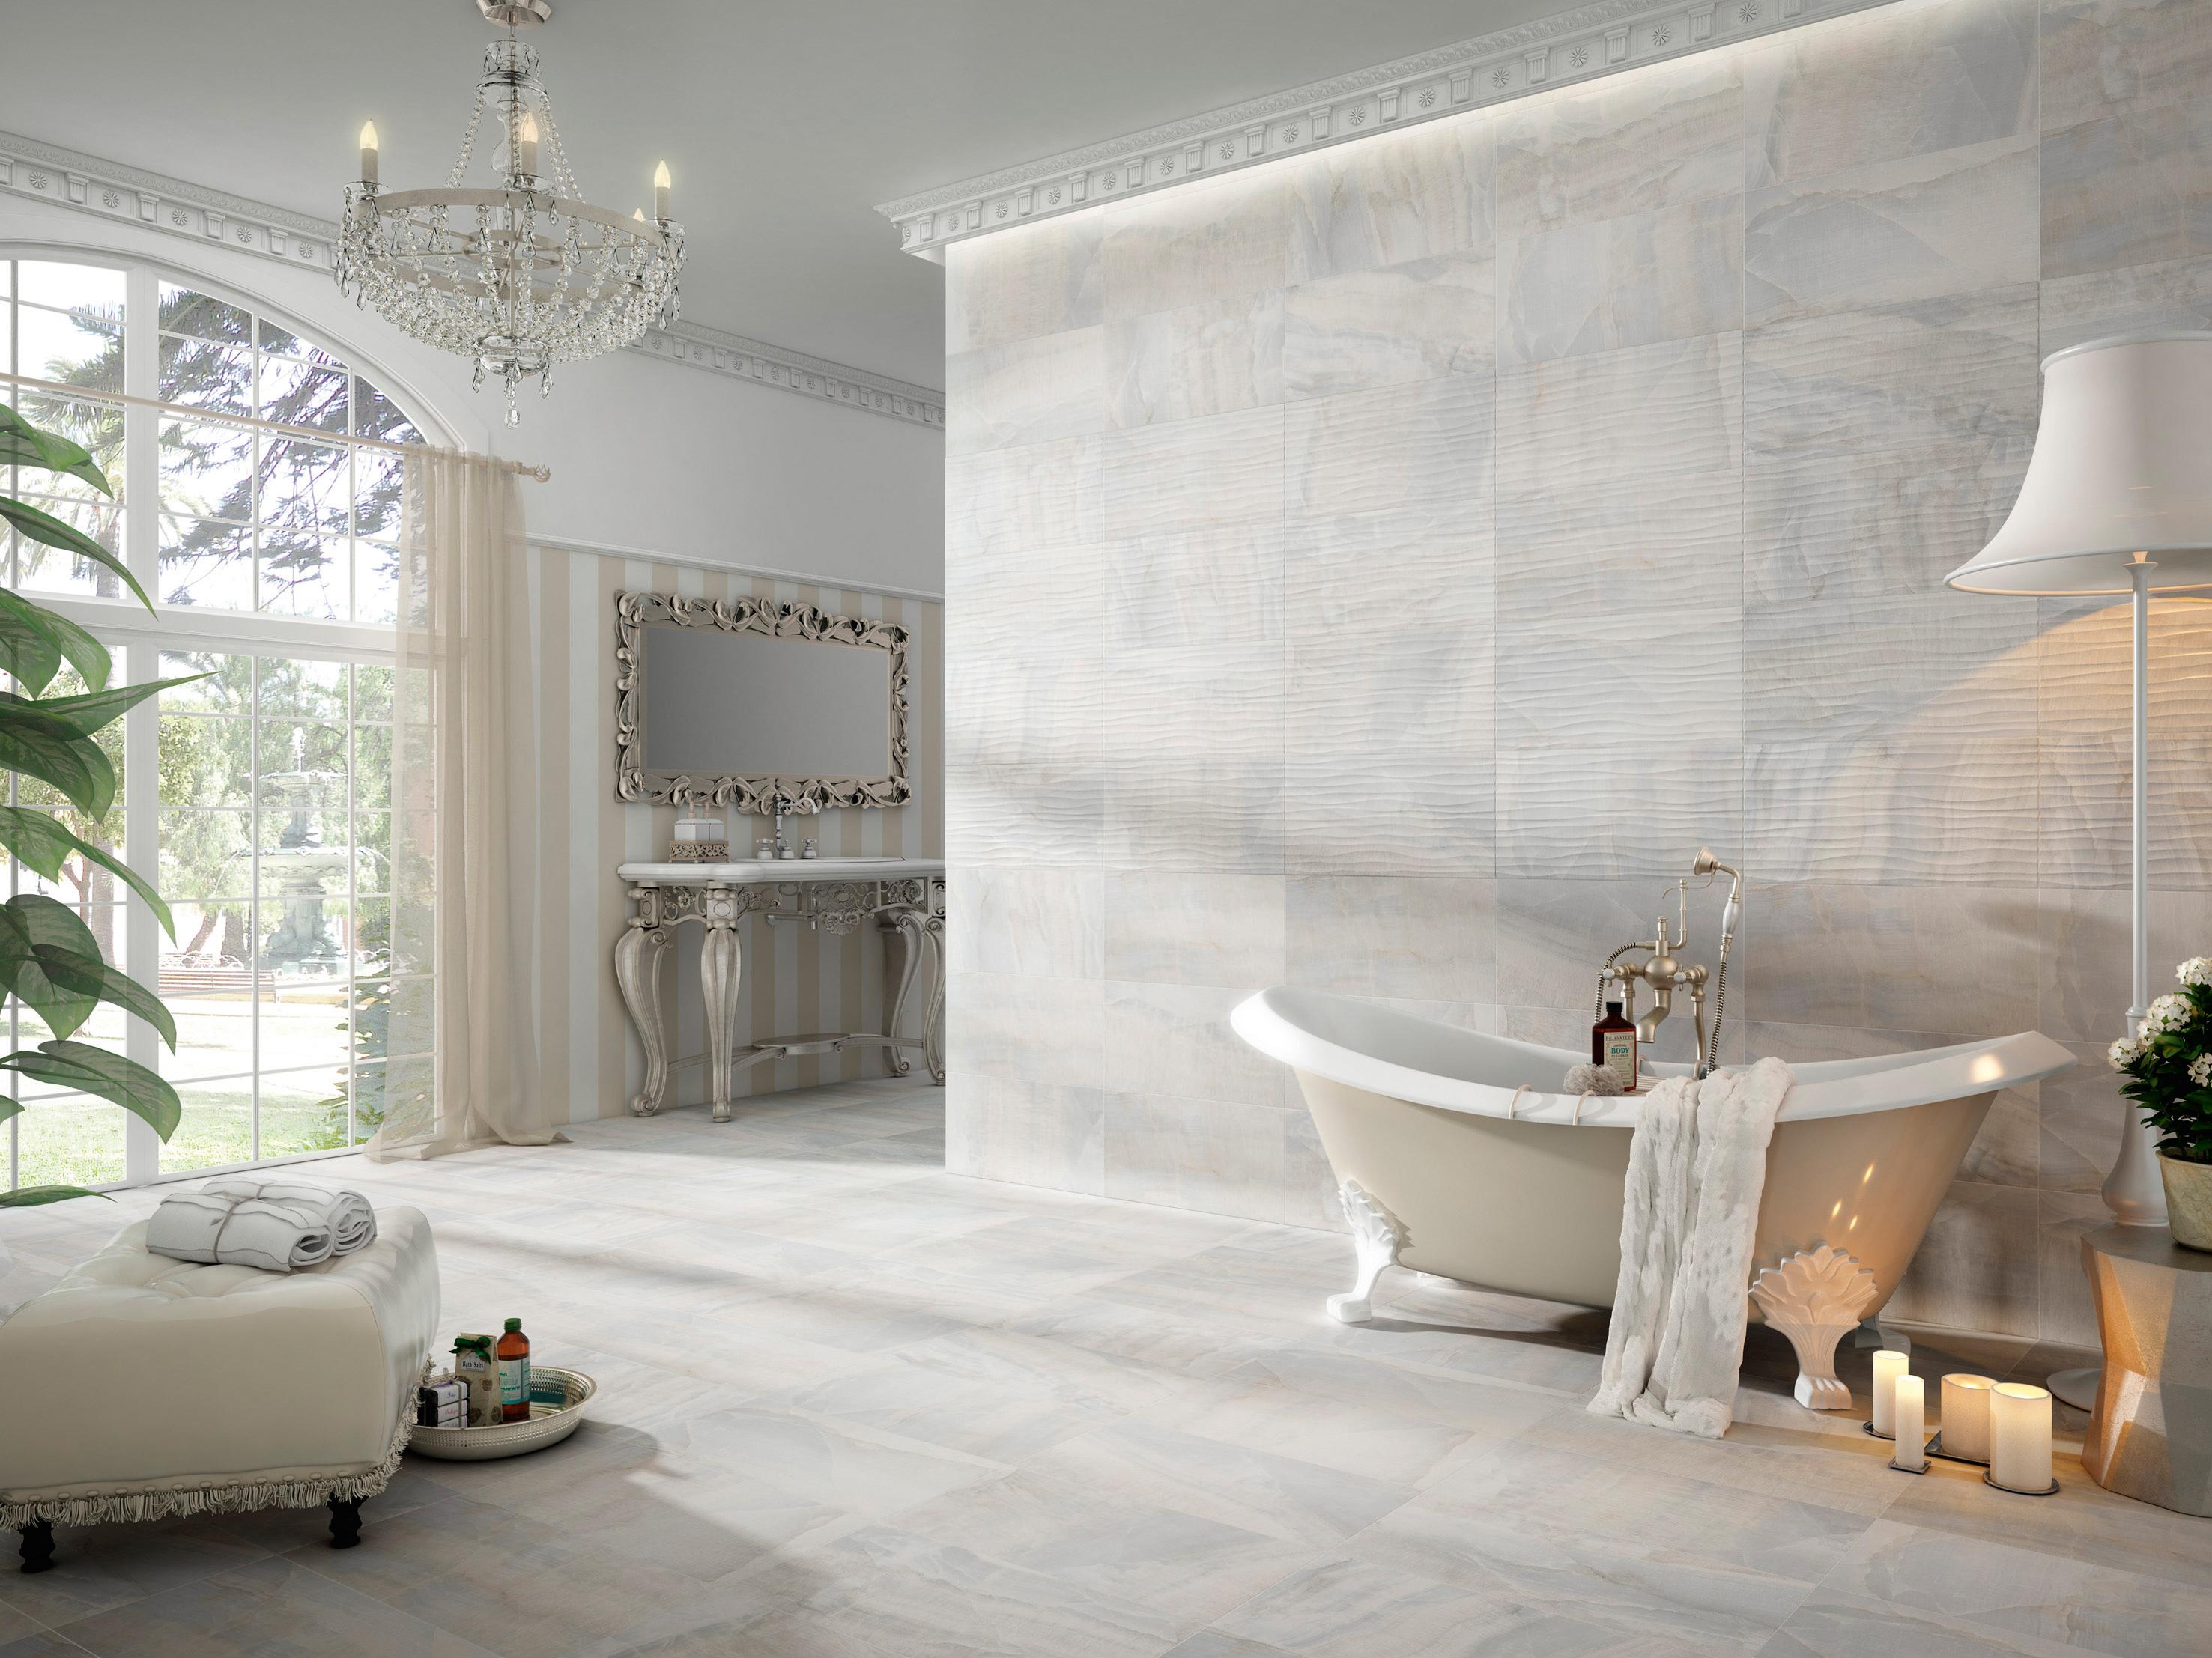 Cer micas y frisos 7 ideas para vestir tus paredes que te - Paneles imitacion piedra bricodepot ...